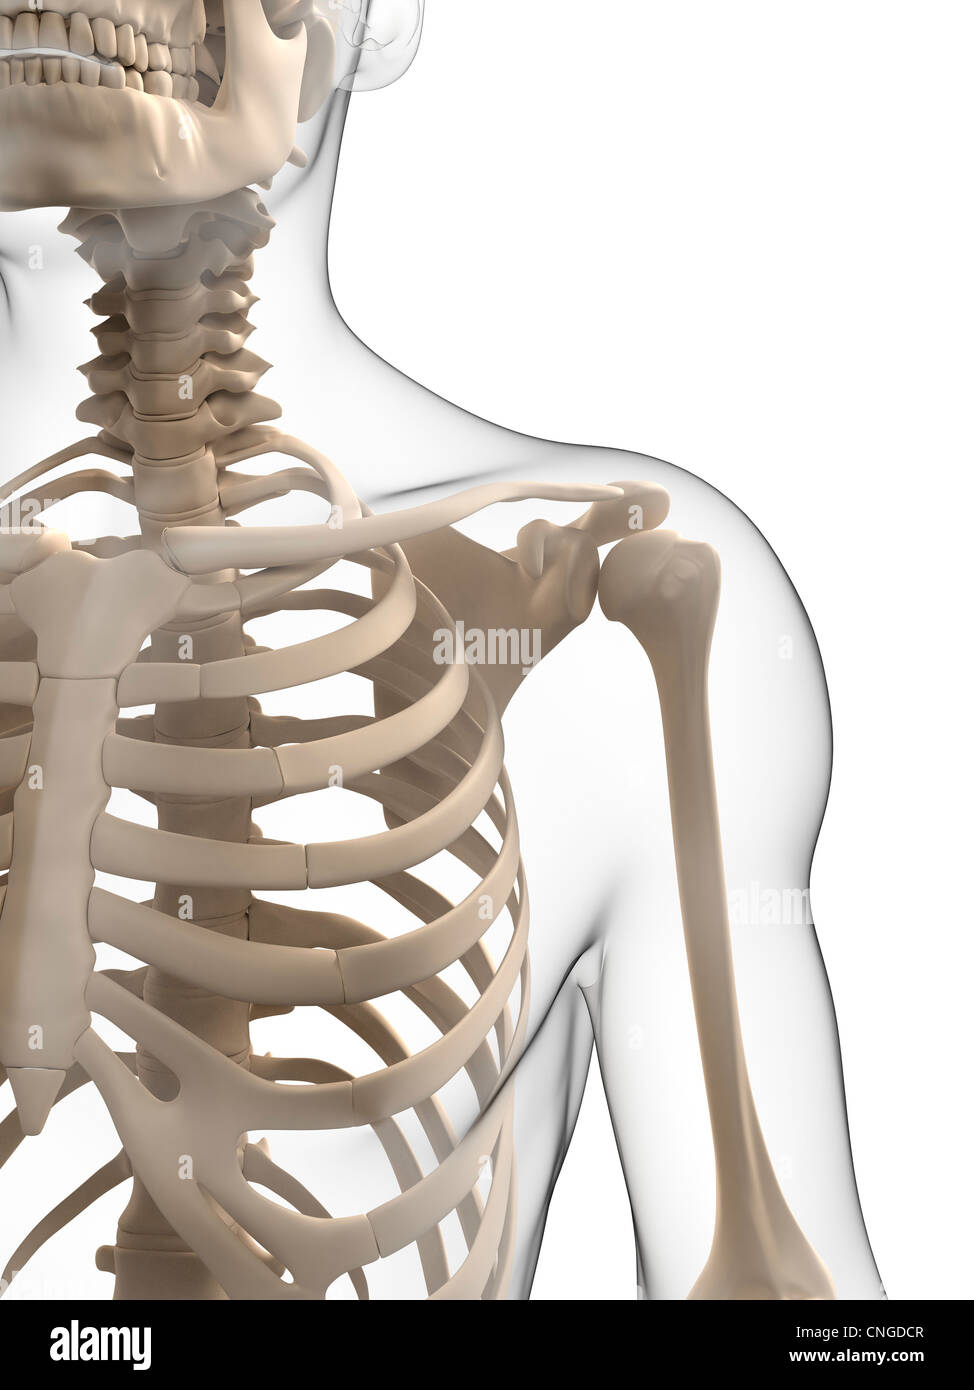 Groß Brust Anatomie Knochen Zeitgenössisch - Menschliche Anatomie ...